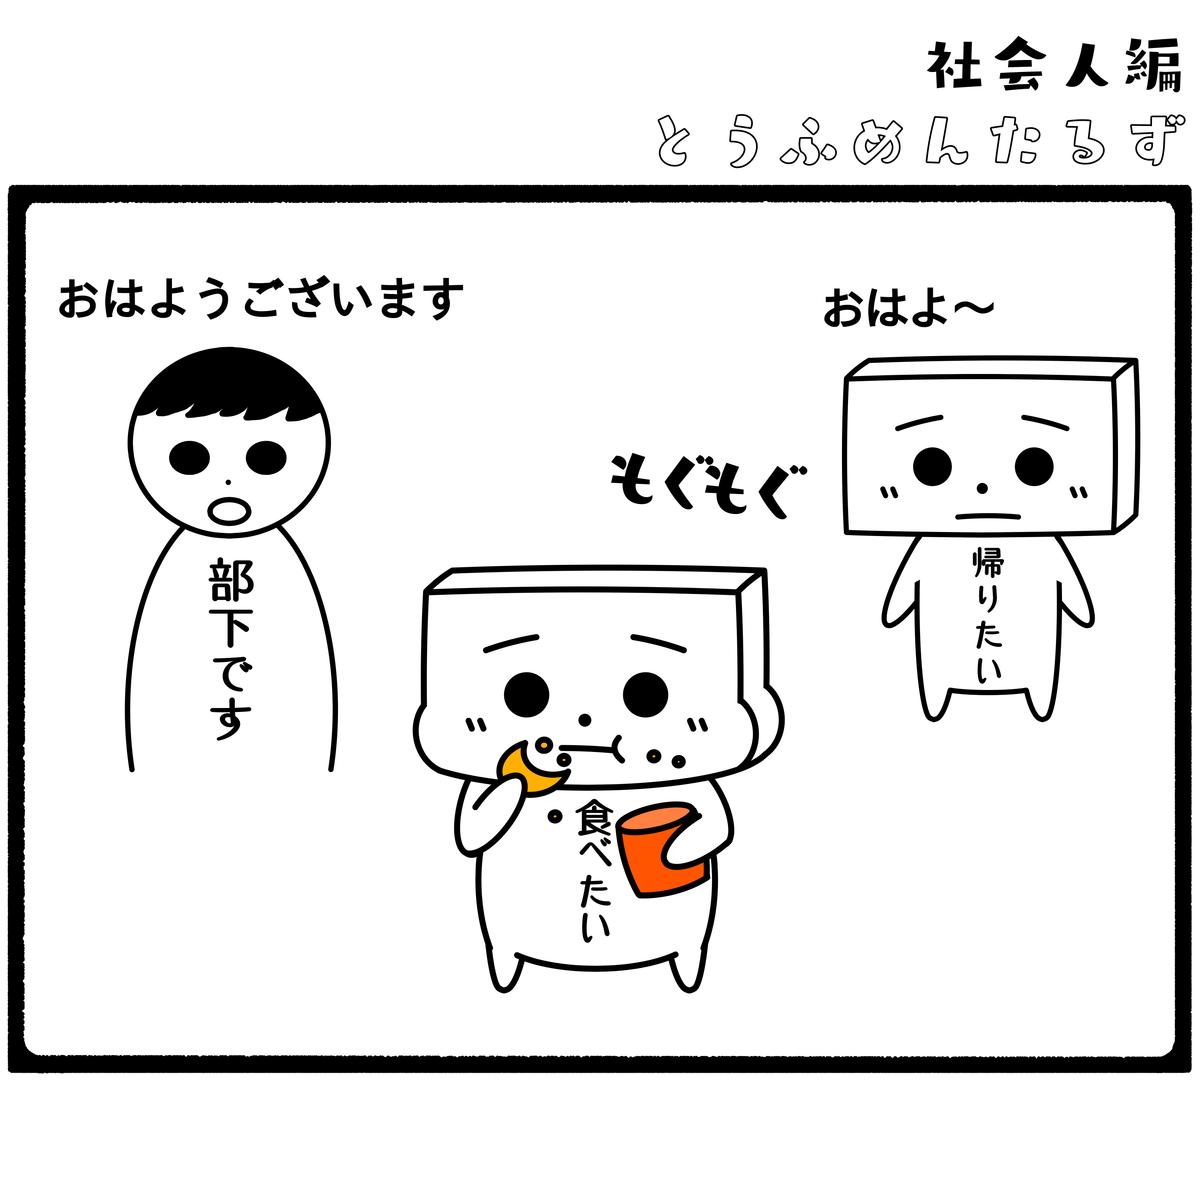 とうふめんたるず 豆腐メンタル 日常 4コマ漫画 社会人